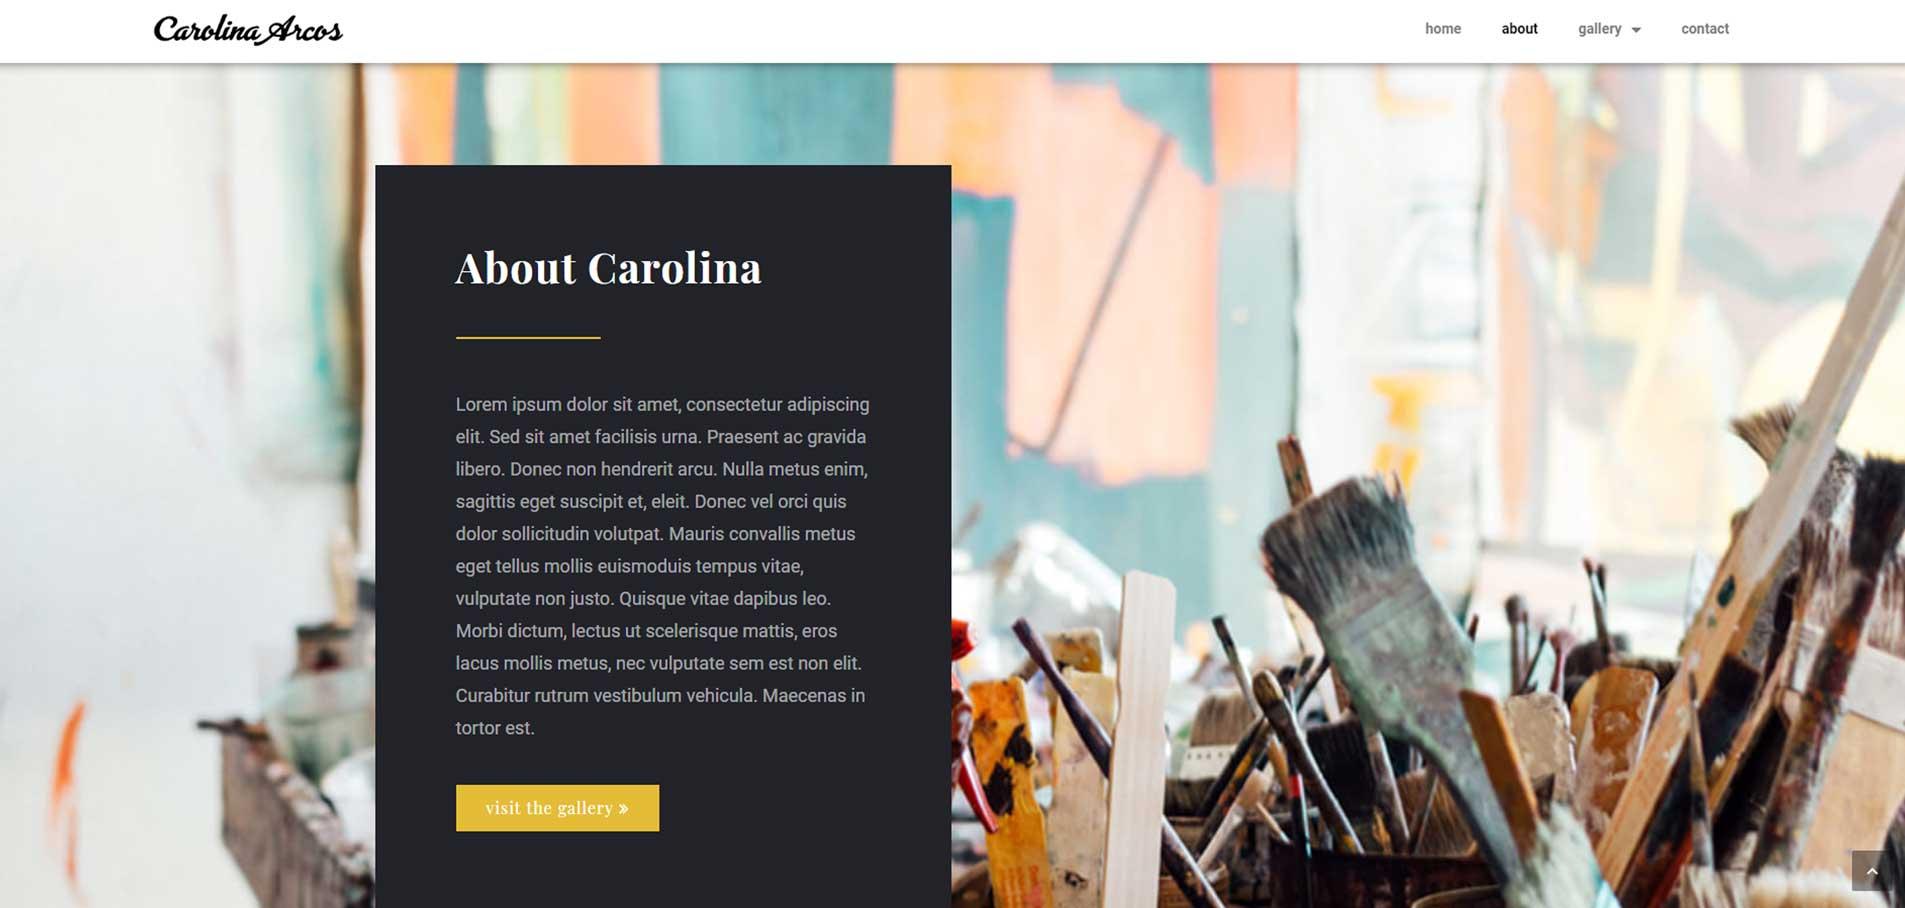 Carolina Arcos about page